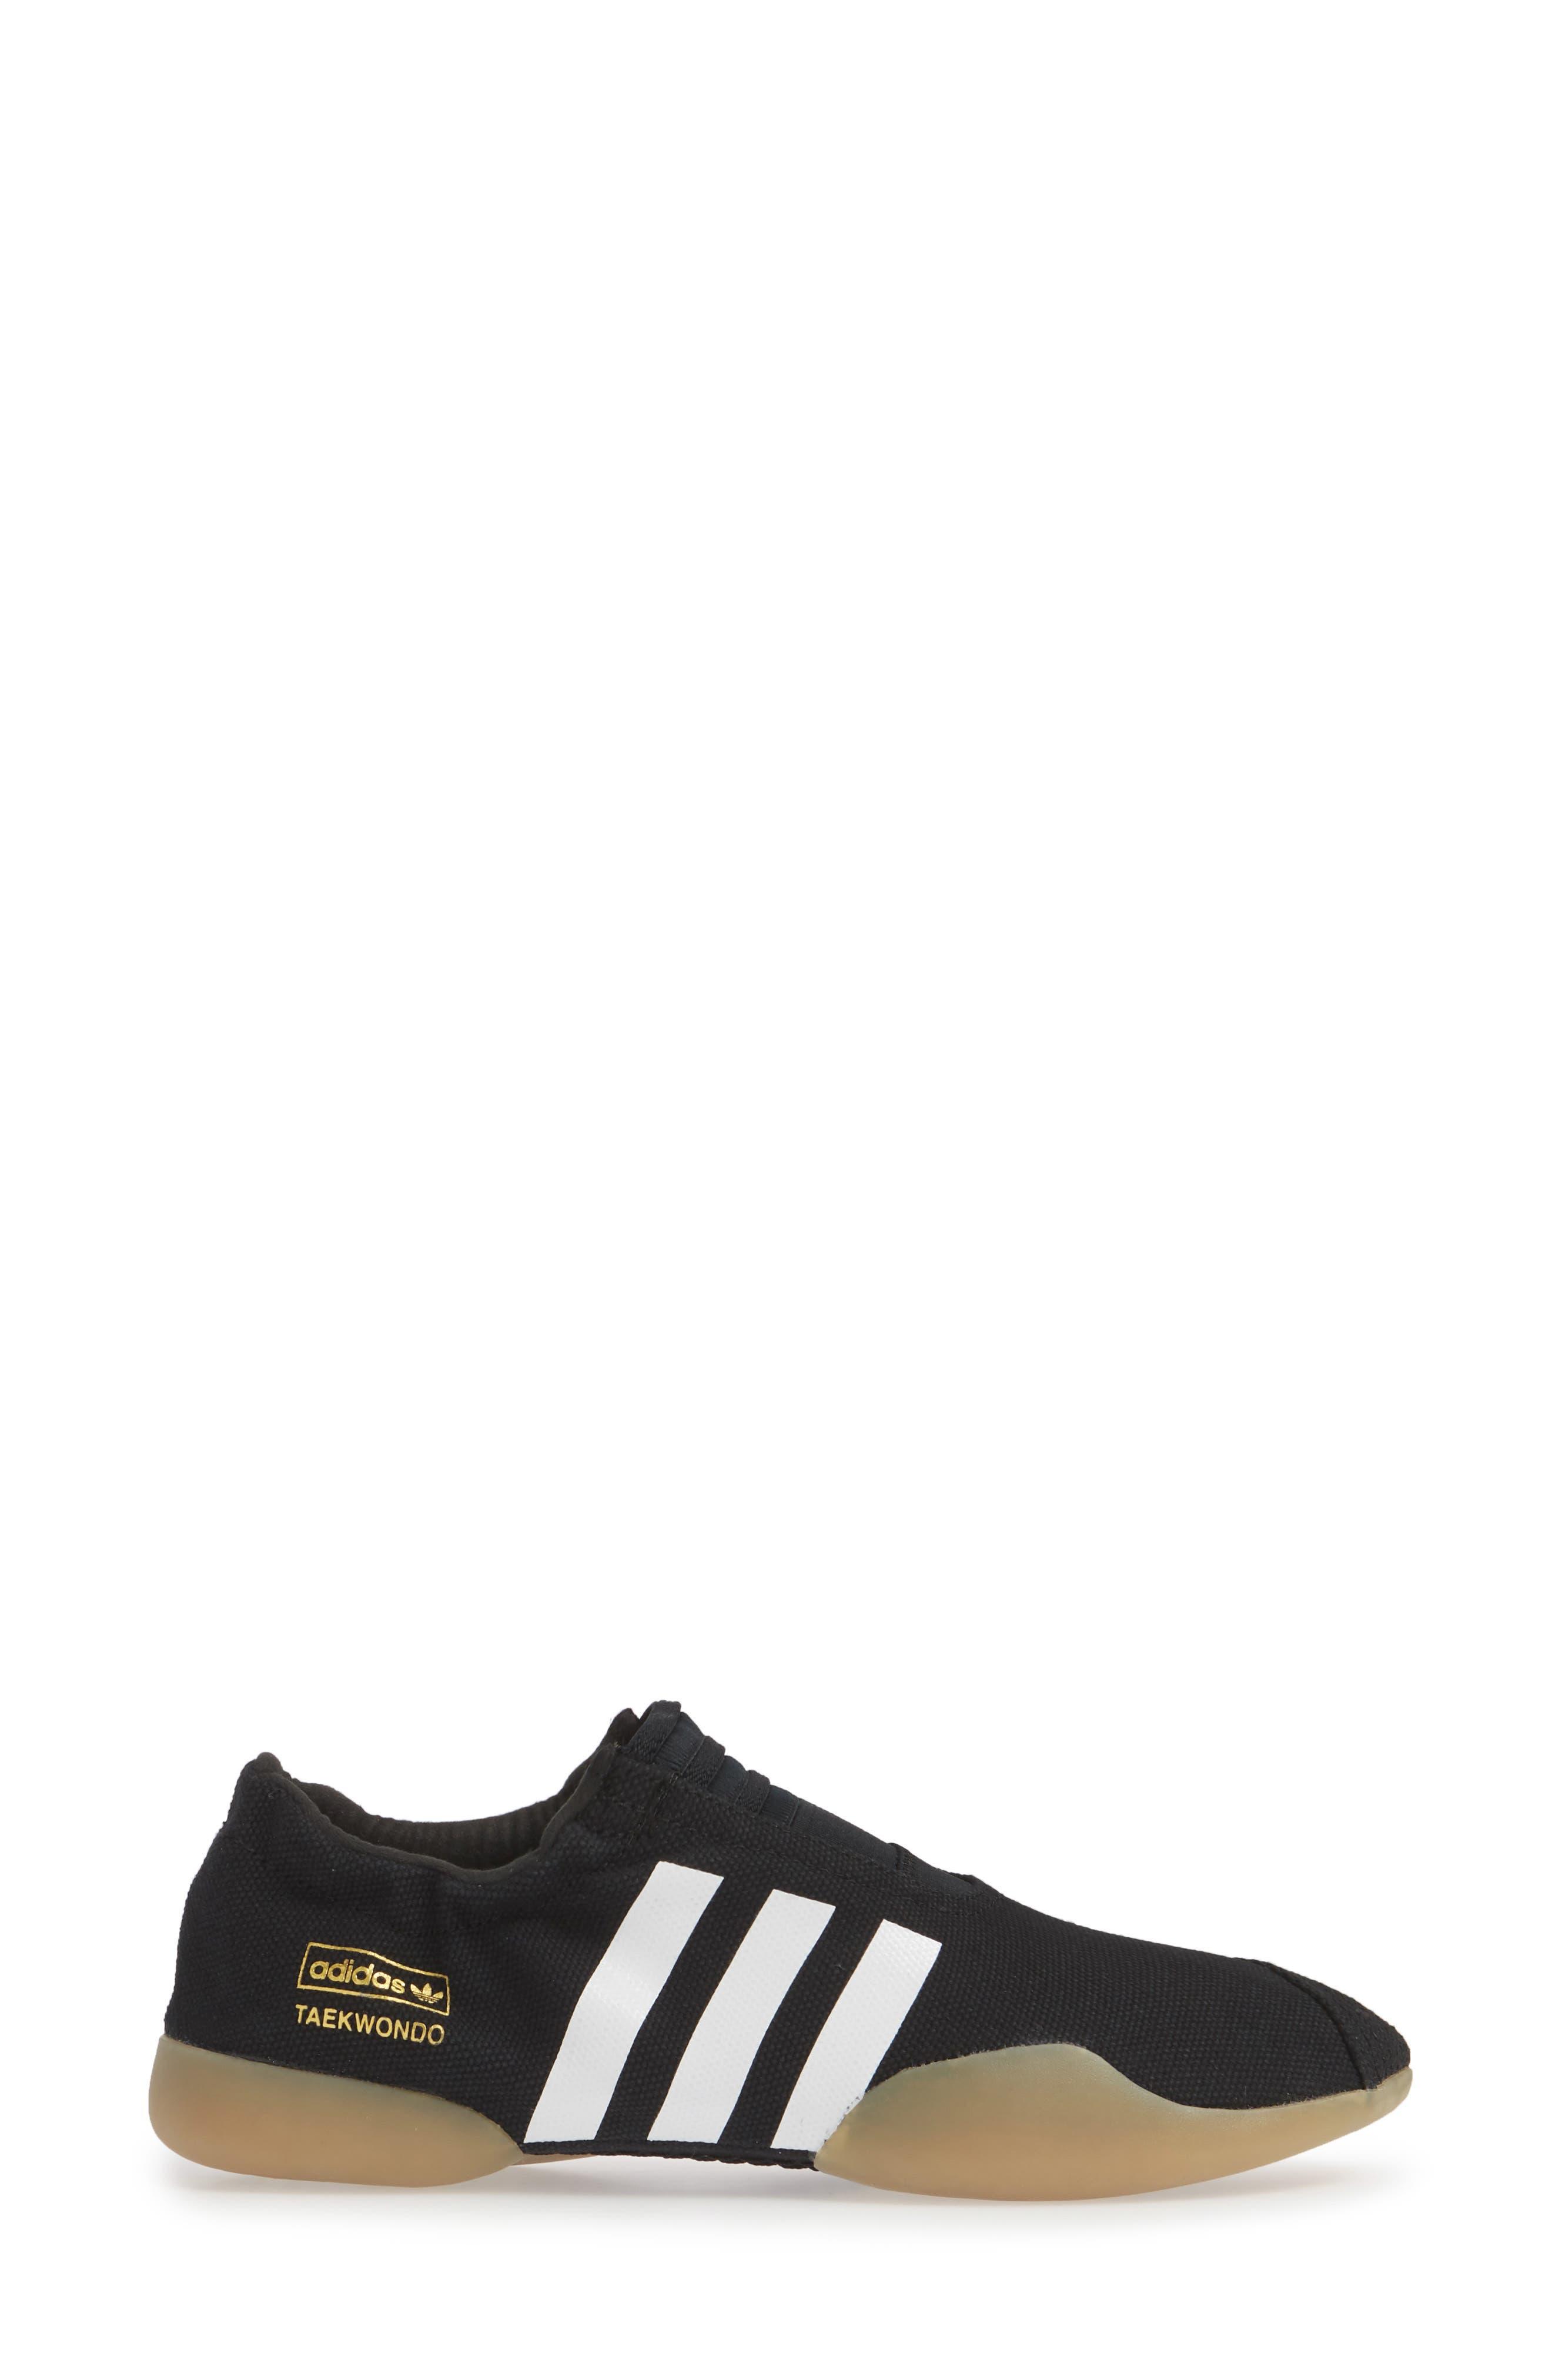 Taekwondo Slip-On Sneaker,                             Alternate thumbnail 3, color,                             CORE BLACK/ WHITE/ GUM 3